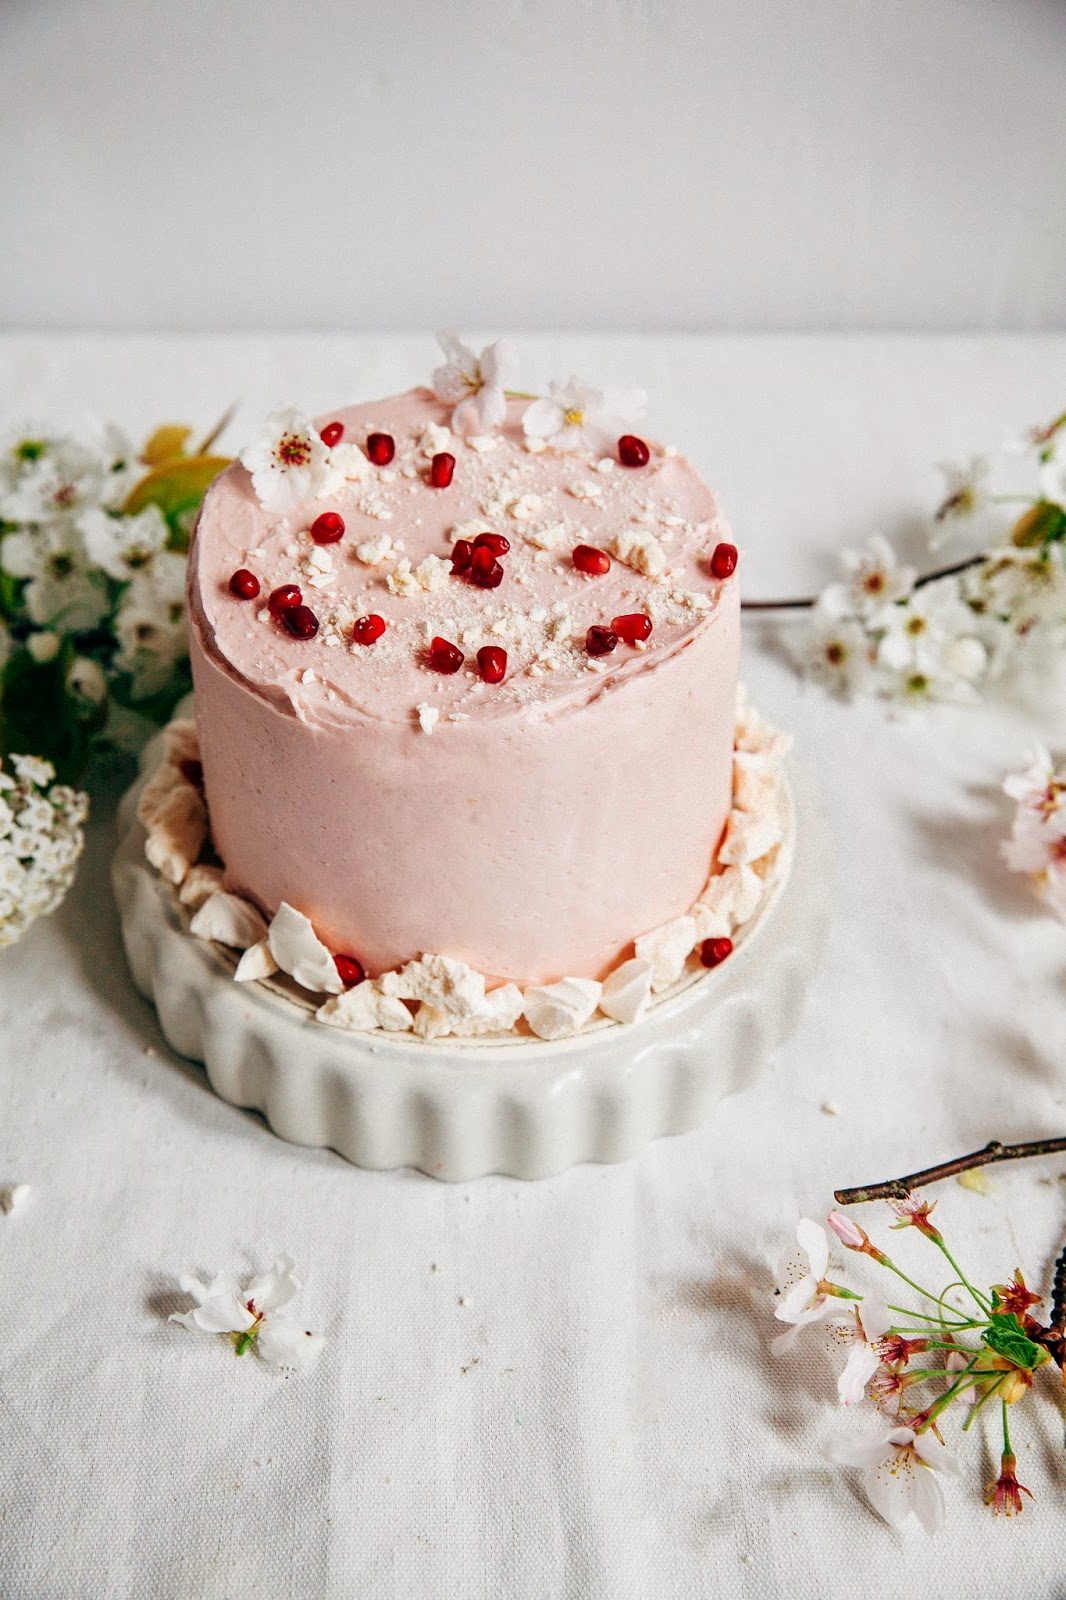 Pomegranate Citrus Meringue Cake